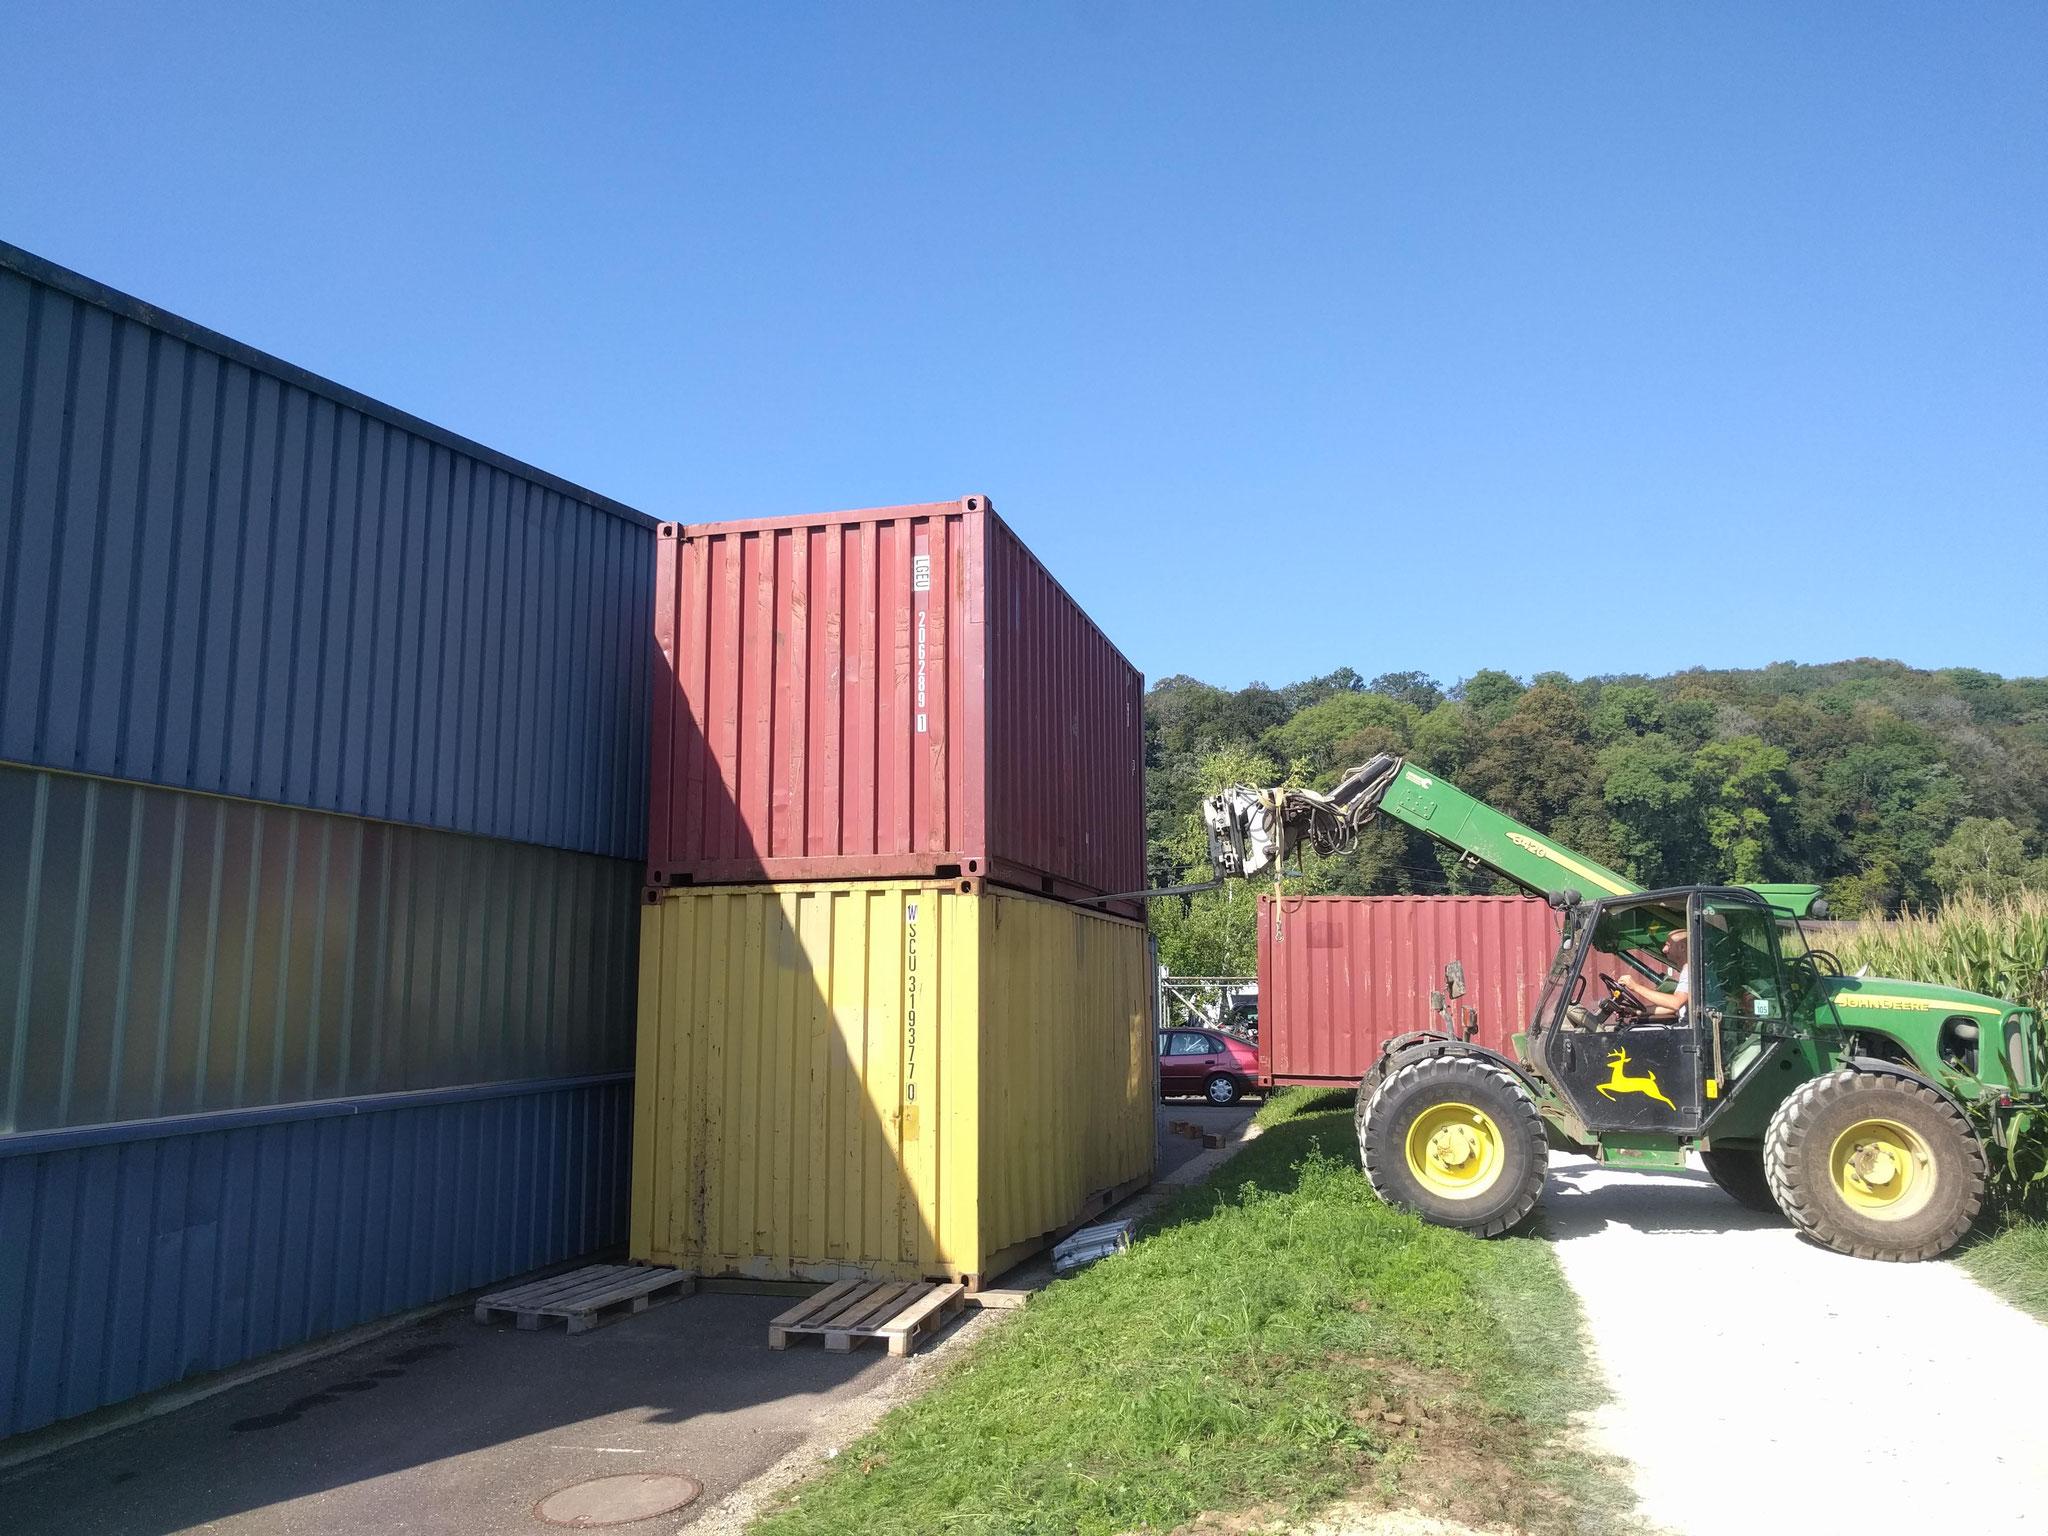 Seecontainer sind in Thayngen bei Müller Diesnstleistungen GmbHn angekommen angekommen.